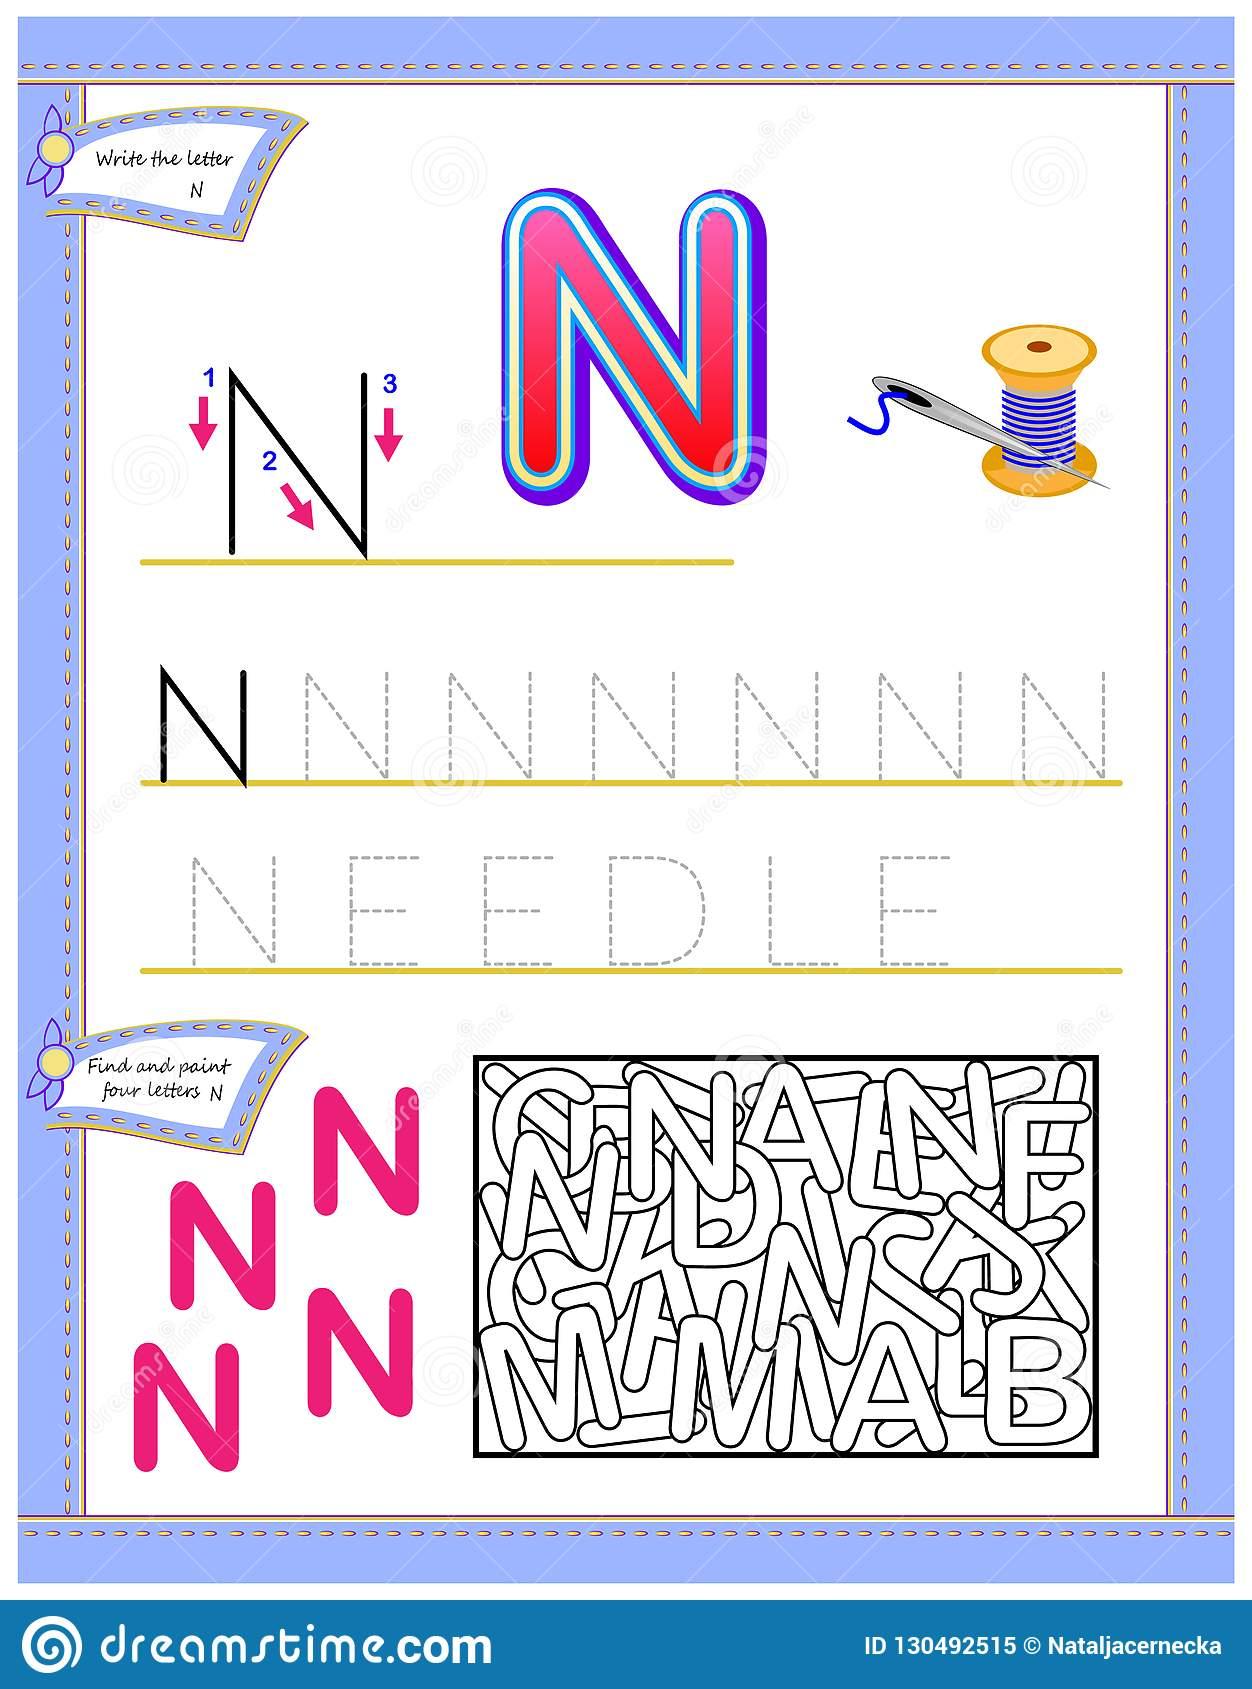 Worksheet Letter N Noodles | Printable Worksheets And throughout Letter N Worksheets Twisty Noodle